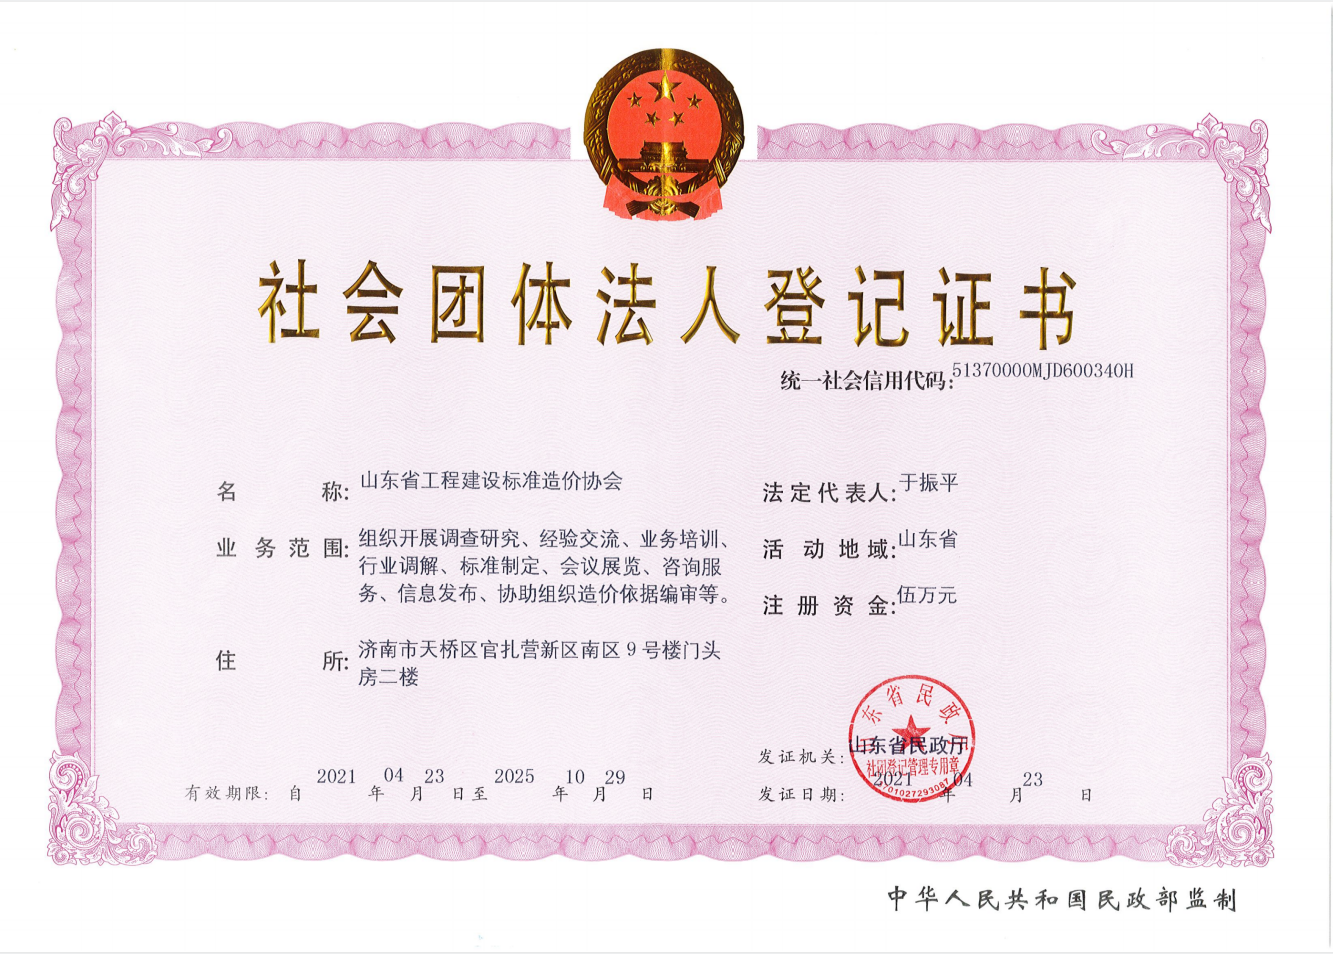 2021.04.23 法人证书正本(低画质版).png